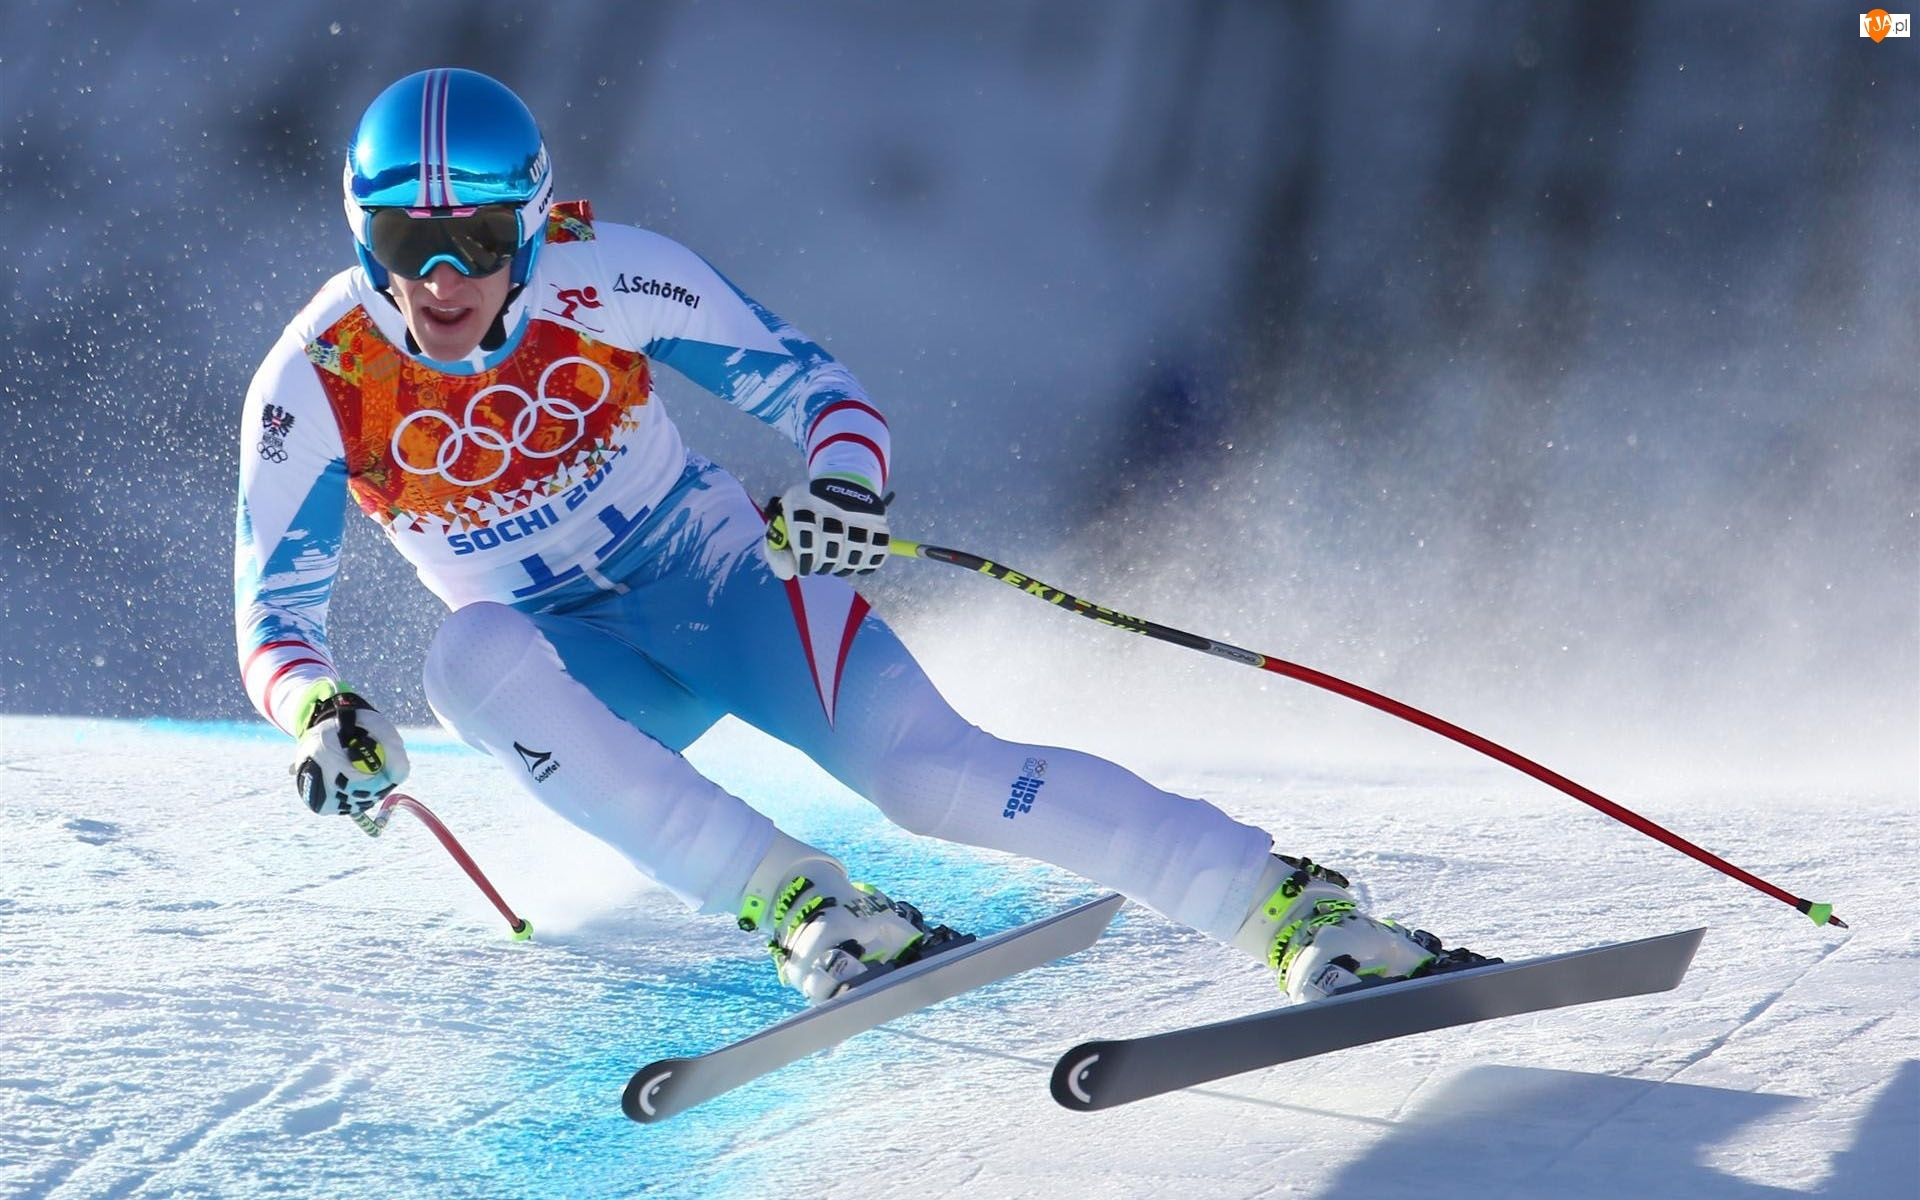 Matthias Mayer, Medalista, Narciarstwo Alpejskie, Sochi, Zjazd, Złoty